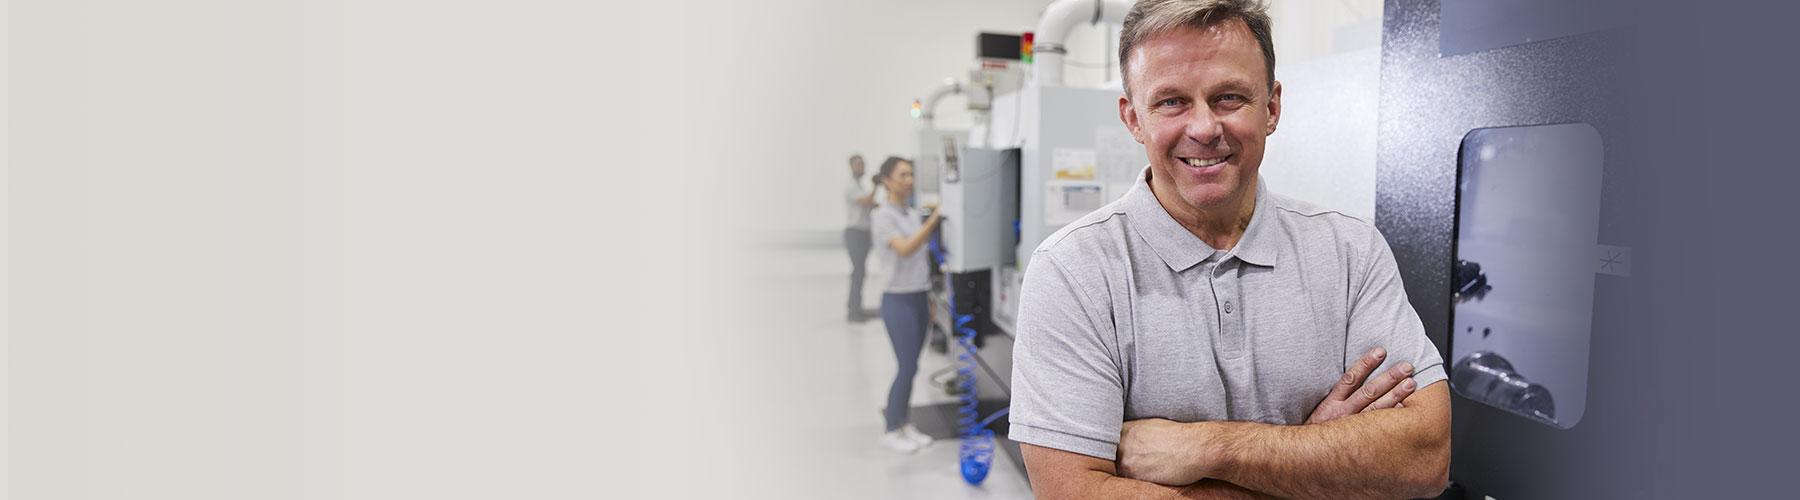 AC Mechanik CNC Frästeile